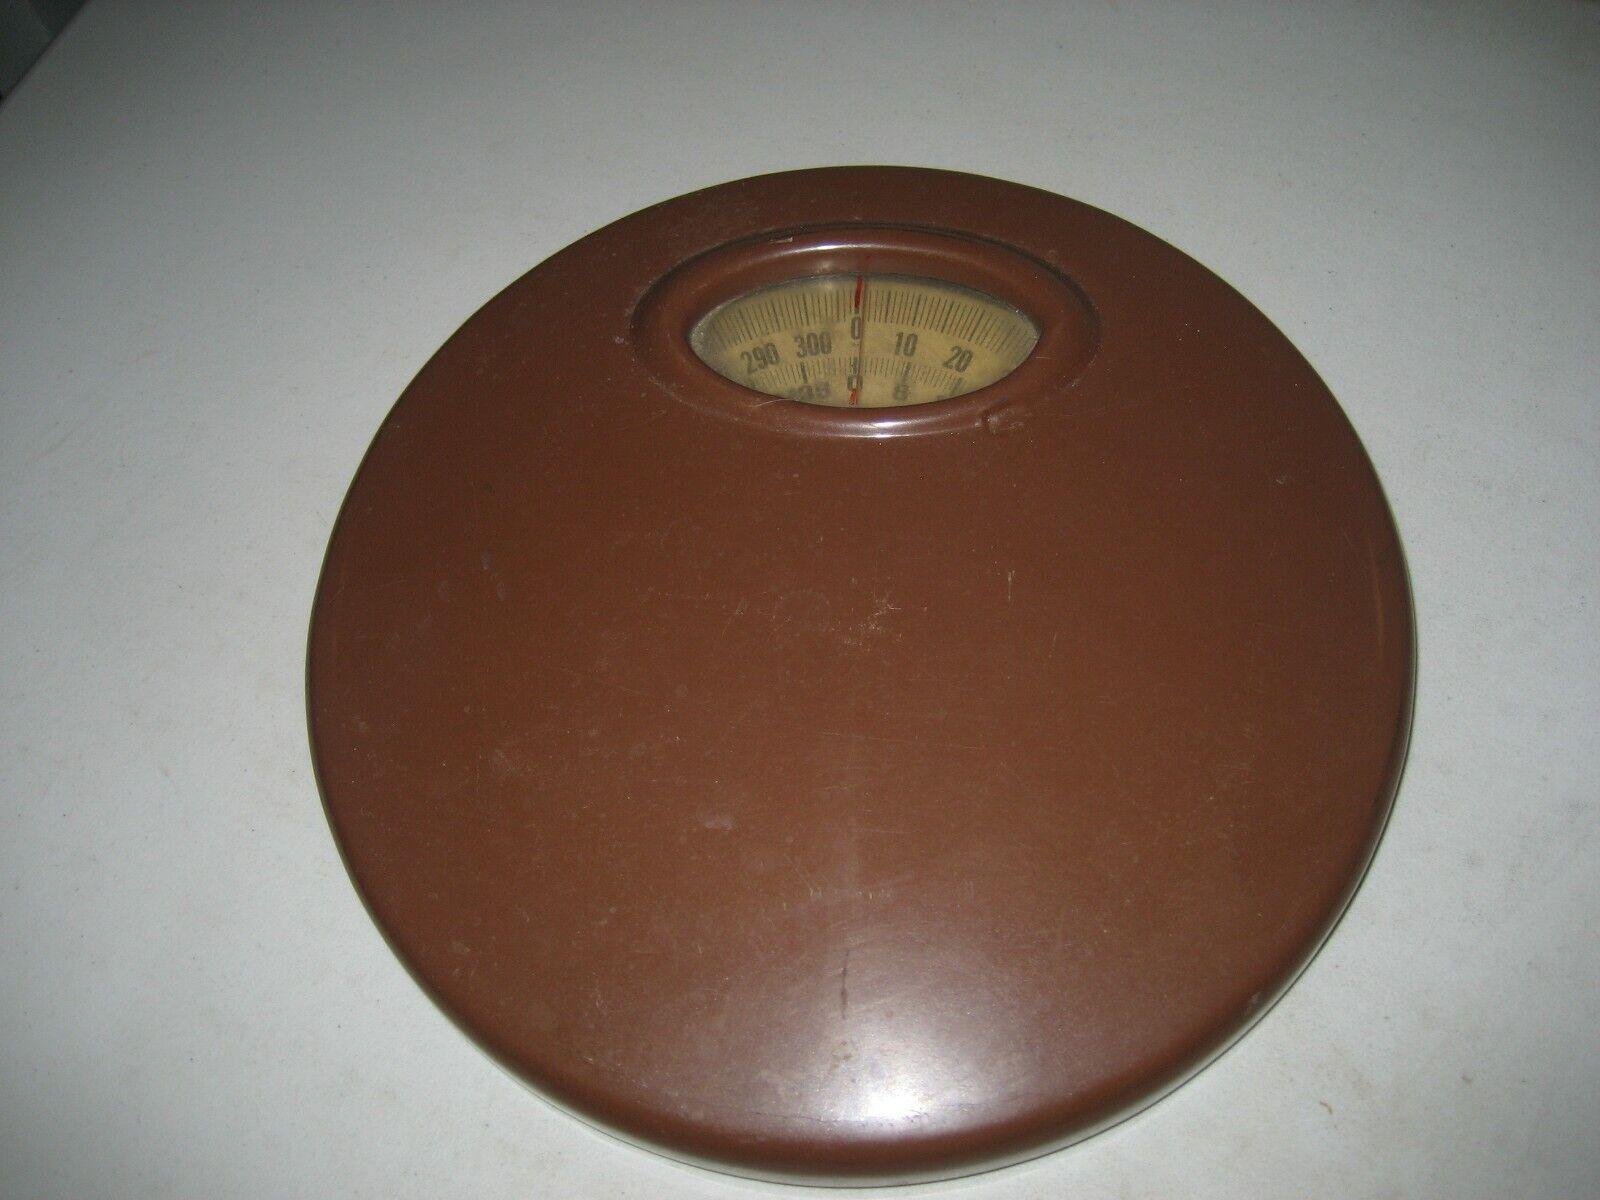 Vintage Sears Brown Metal Bathroom Scale 1960s Rare